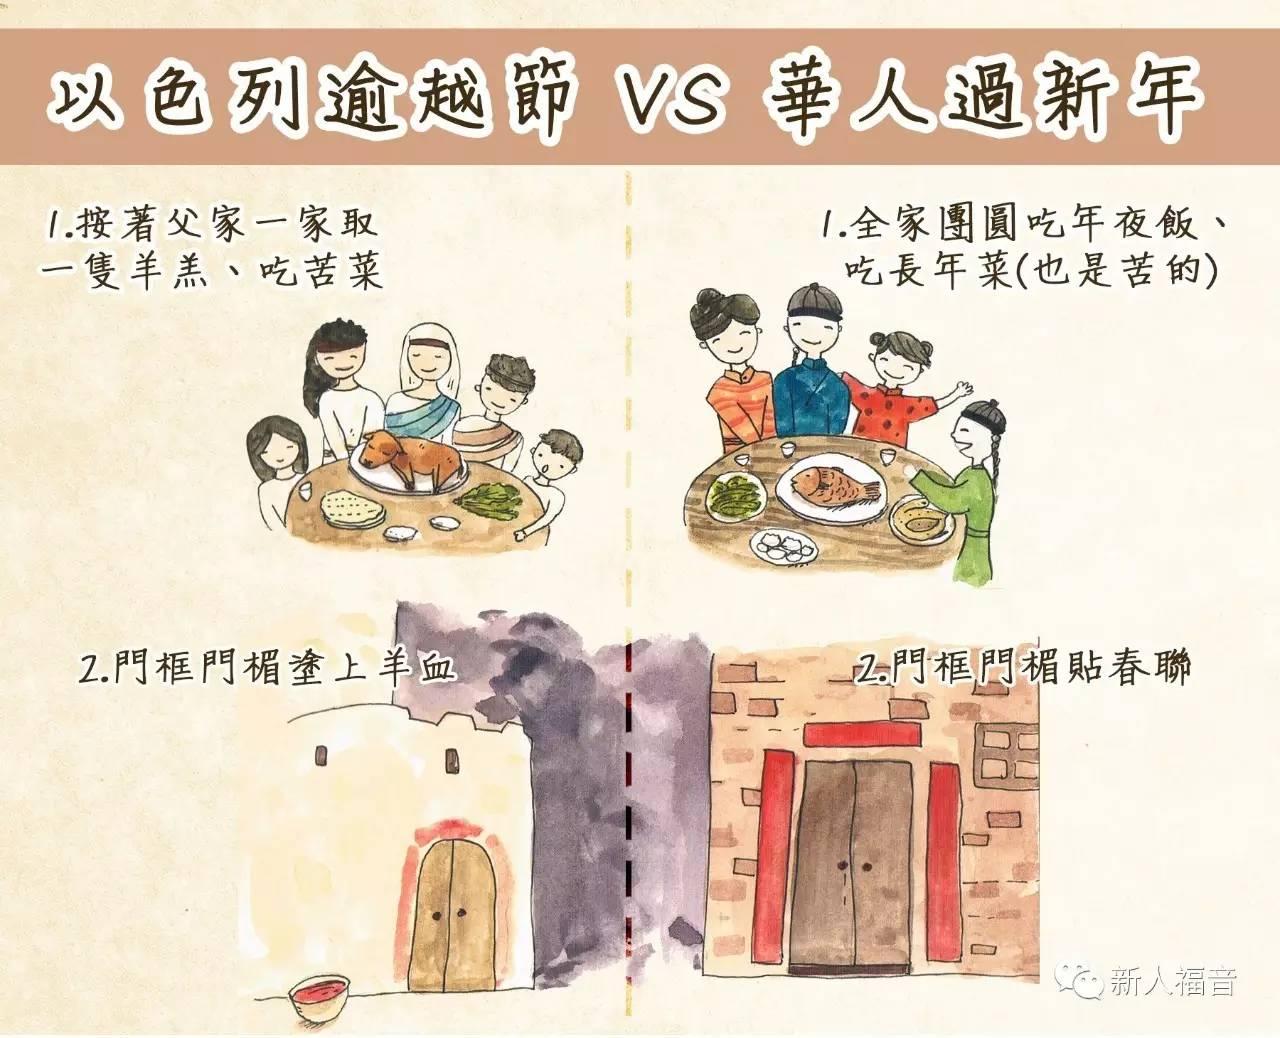 春节与逾越节,为何惊人的相似? - 新人福音xinrenfuyin